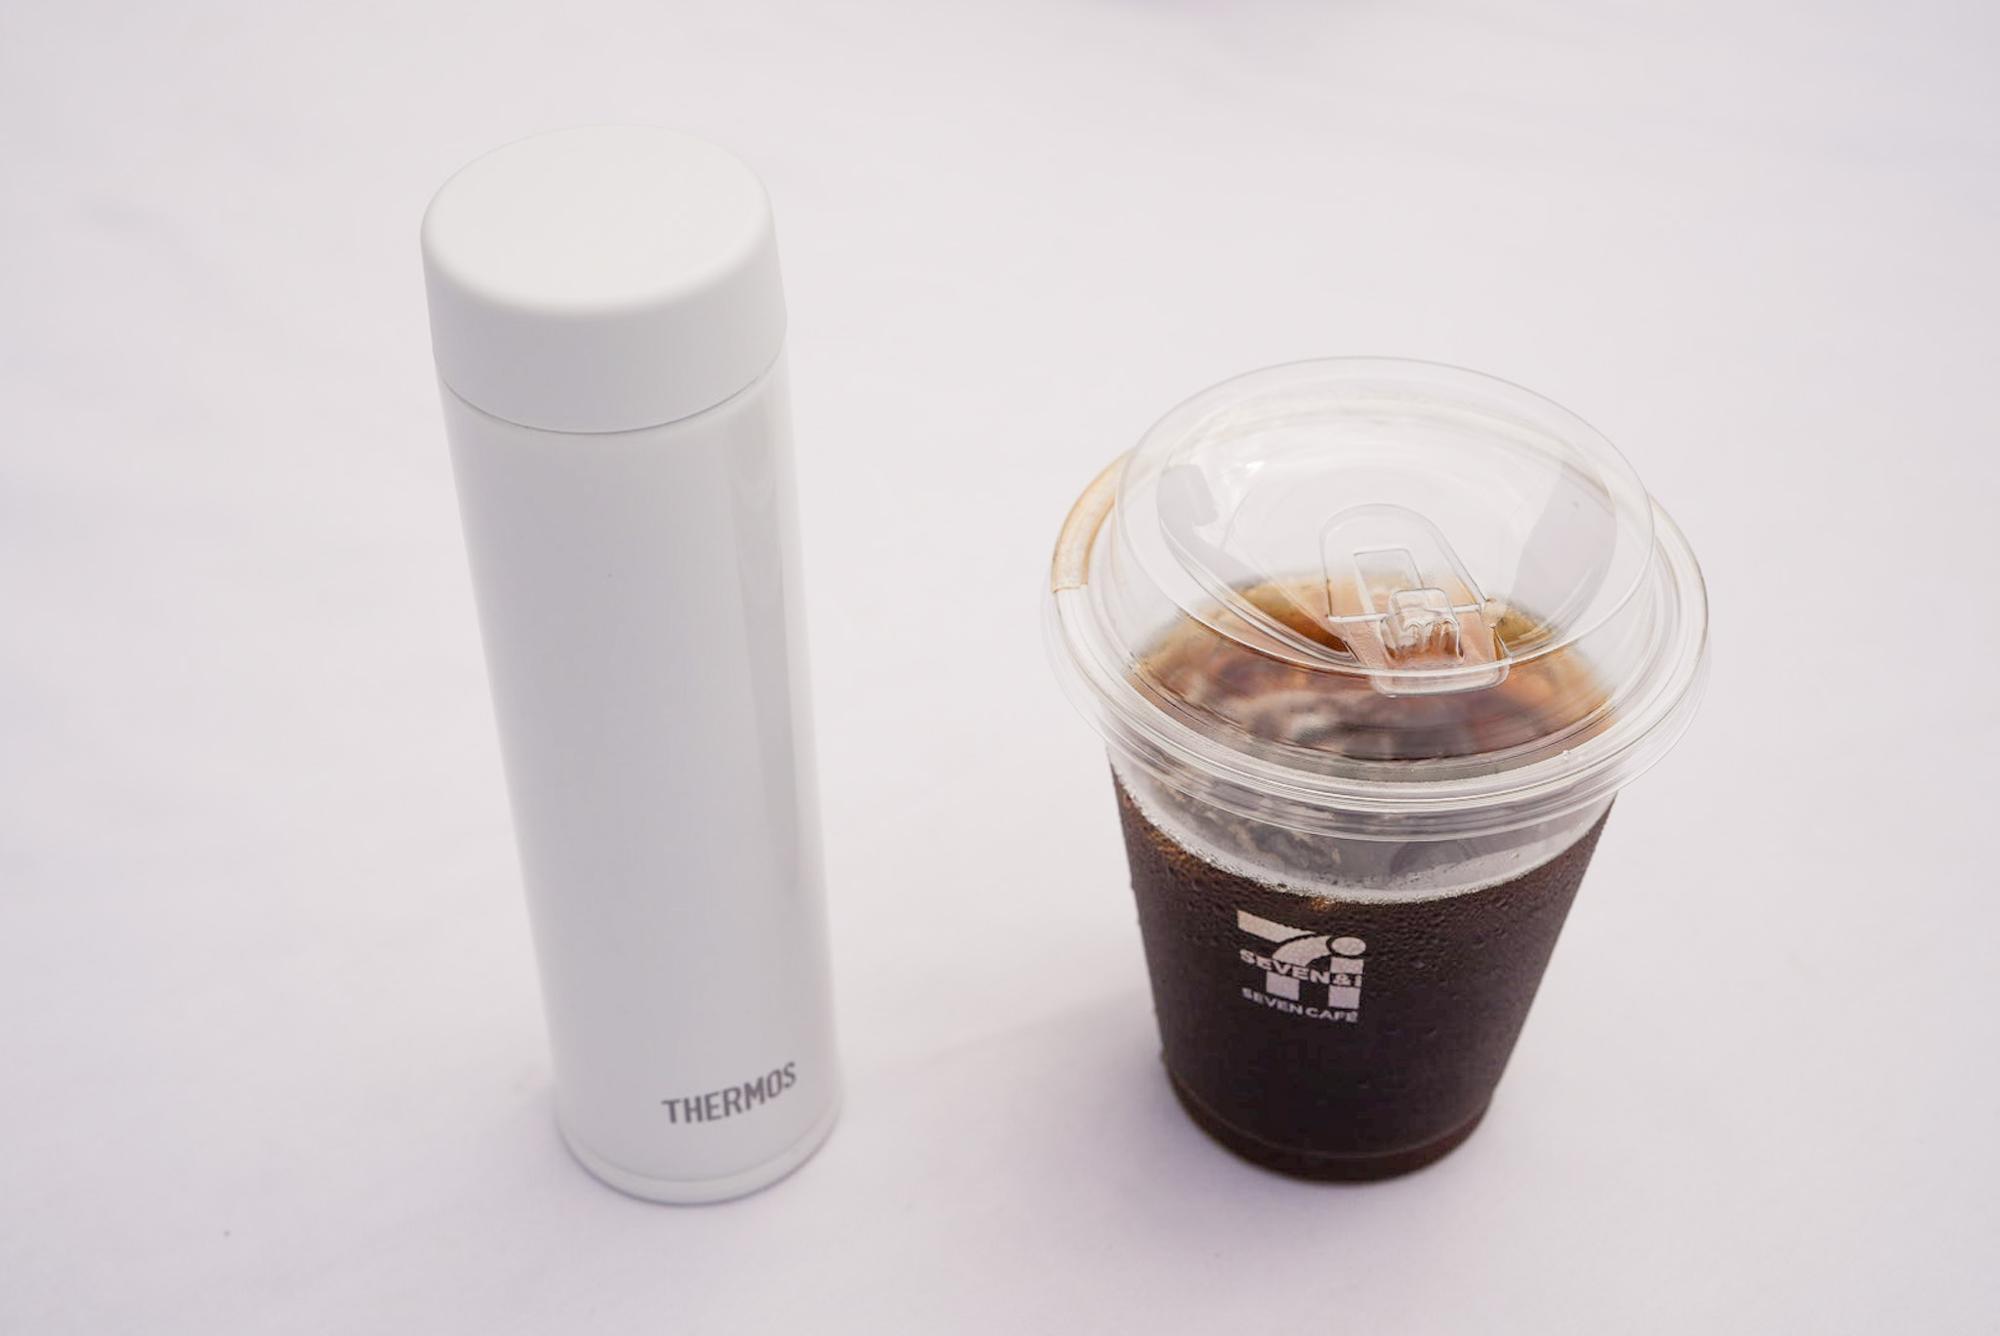 ちょうどコンビニコーヒーのSサイズが入る「JOJ-180」